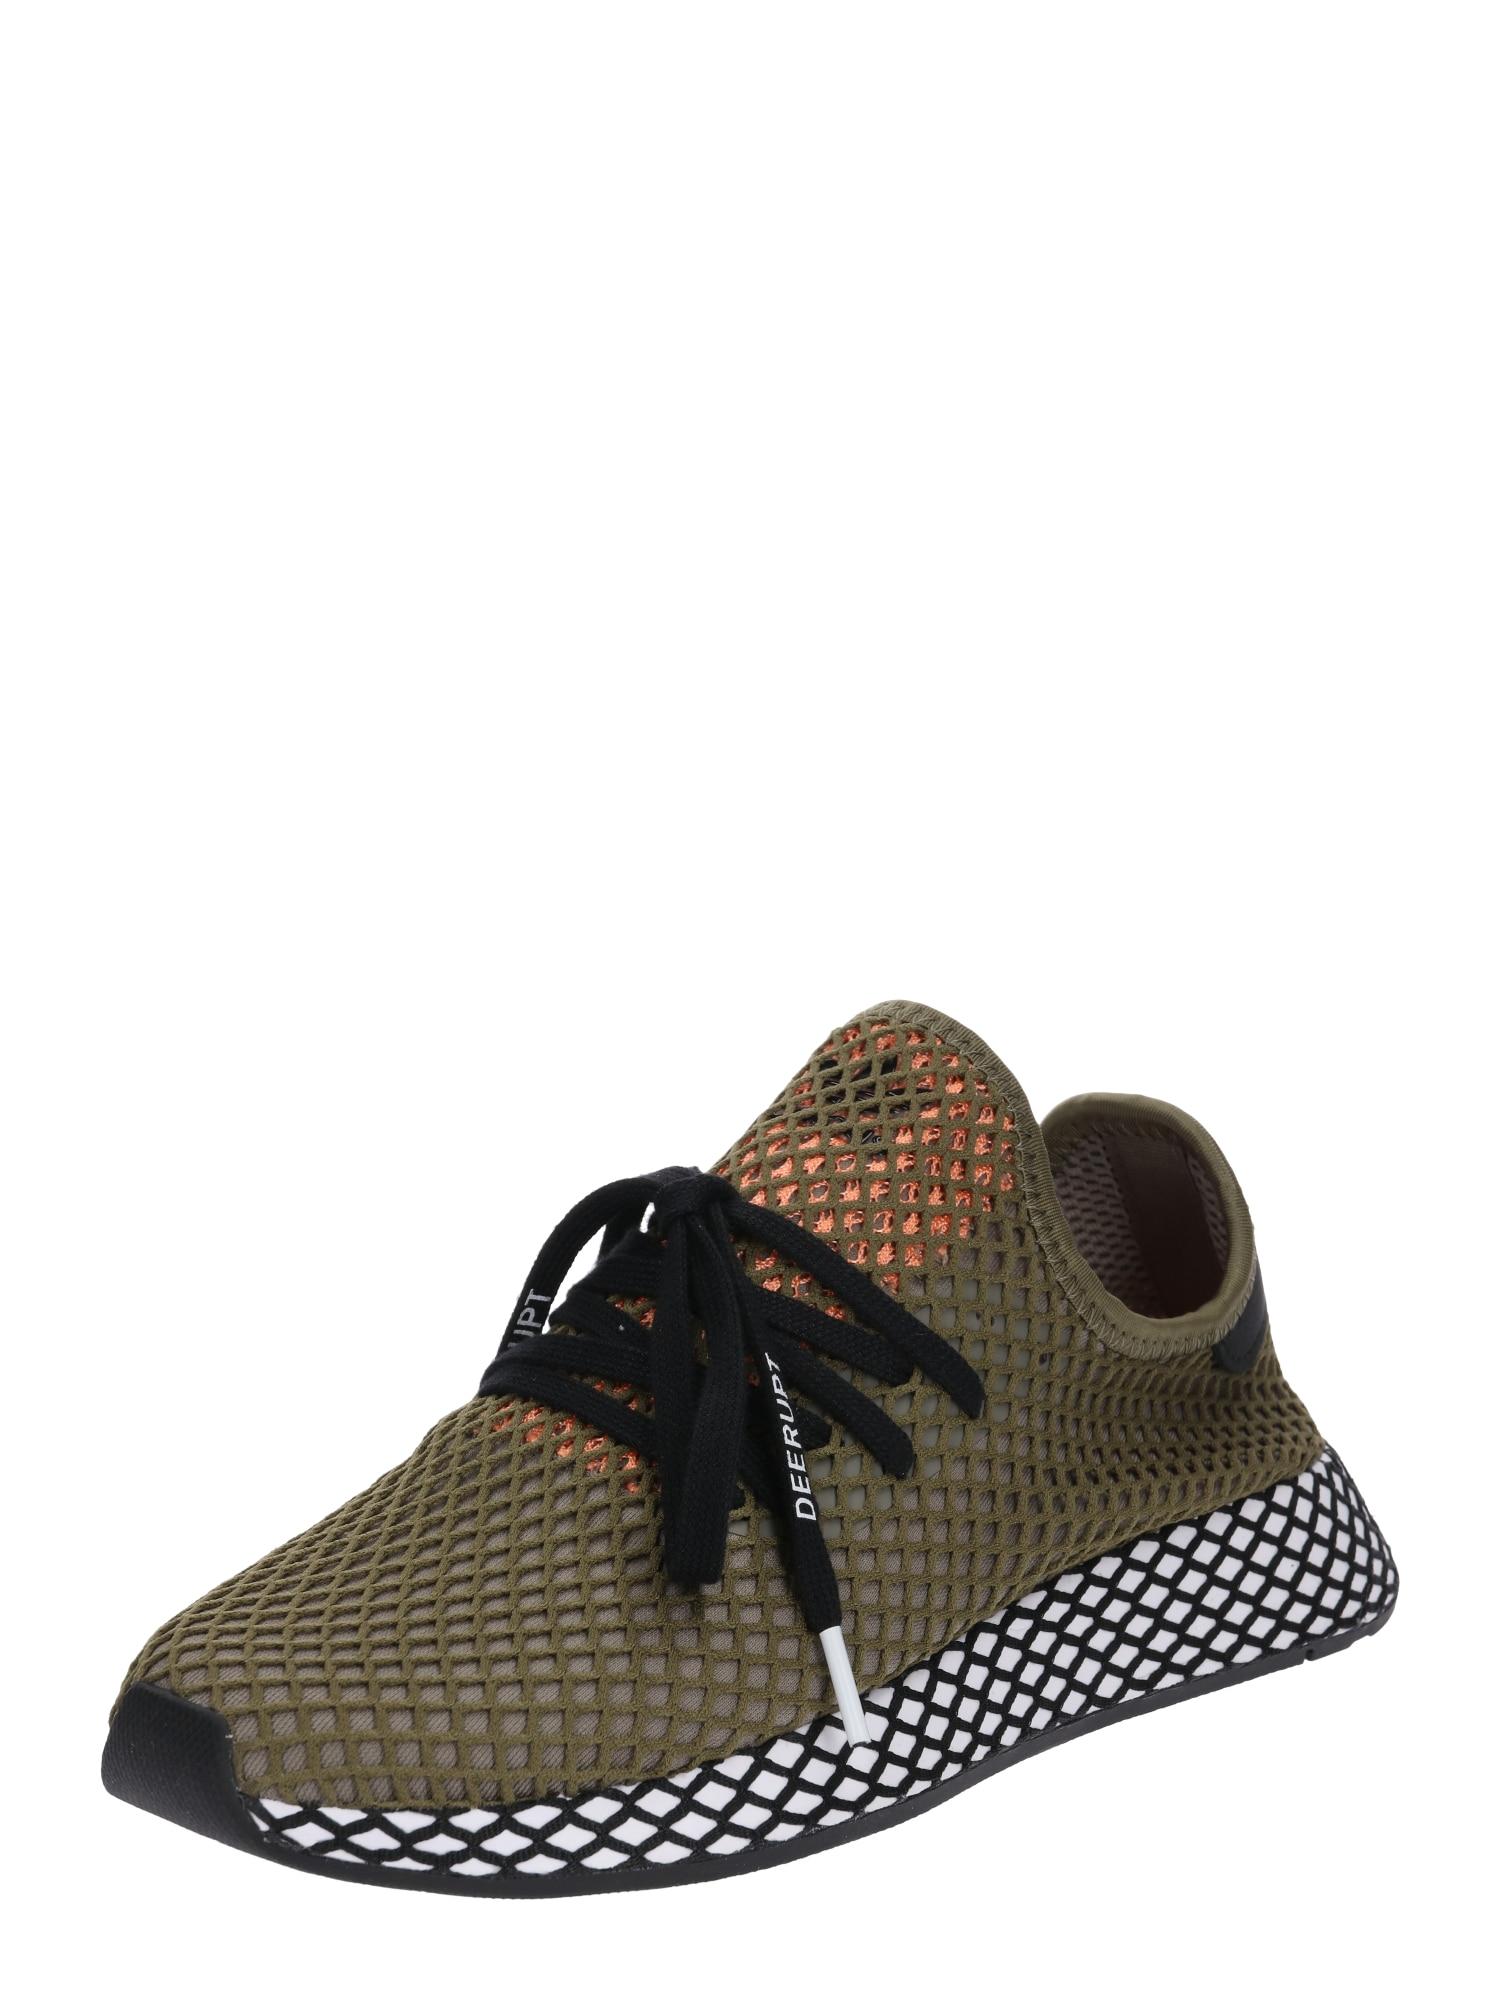 ADIDAS ORIGINALS, Heren Sneakers laag 'Deerupt Runner', olijfgroen / zwart